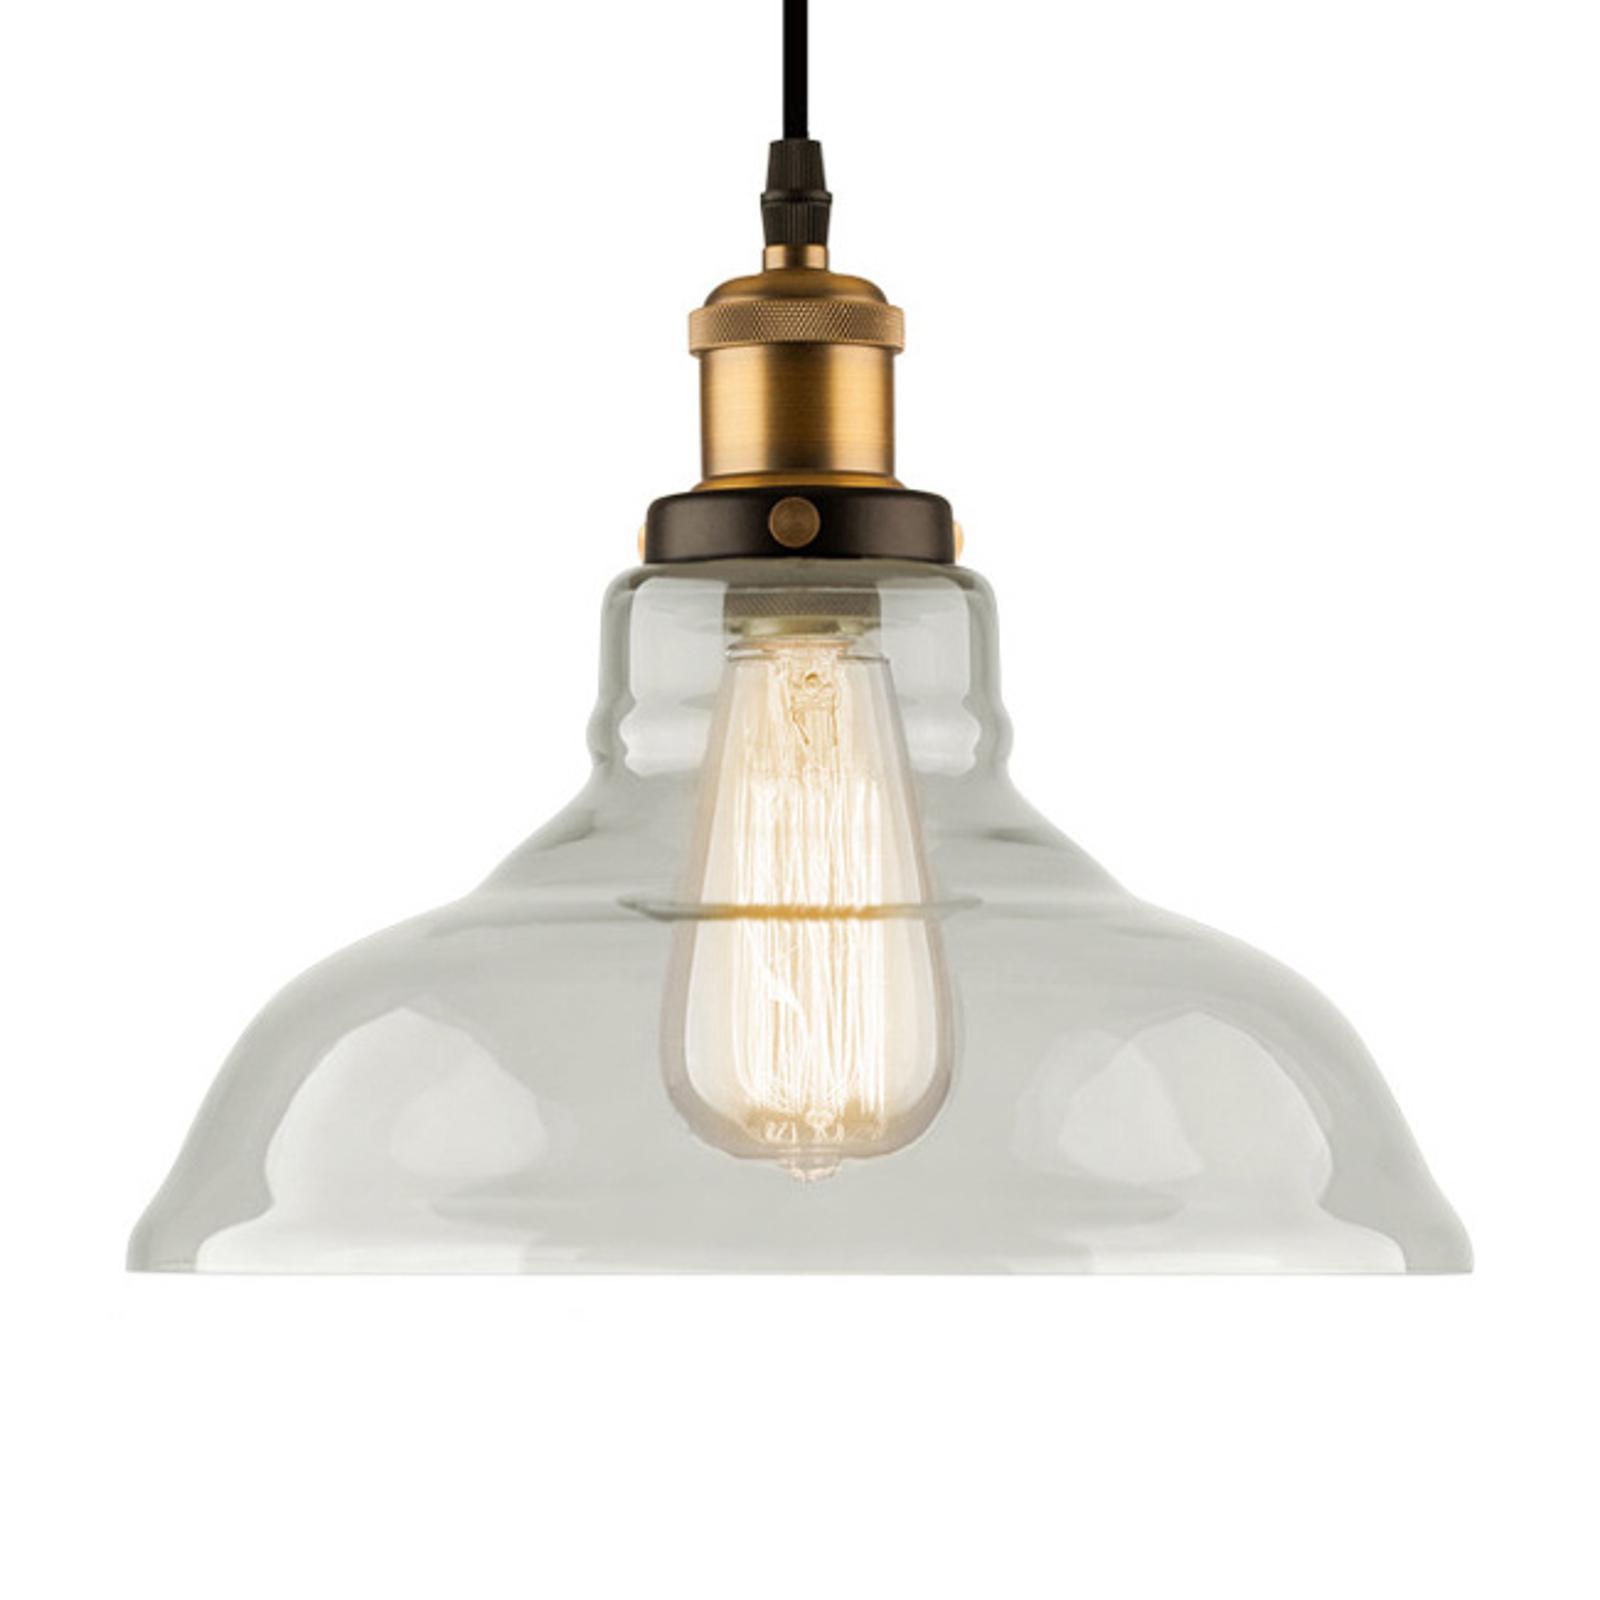 Hanglamp LA040 E27 Ø 28 cm messing/helder